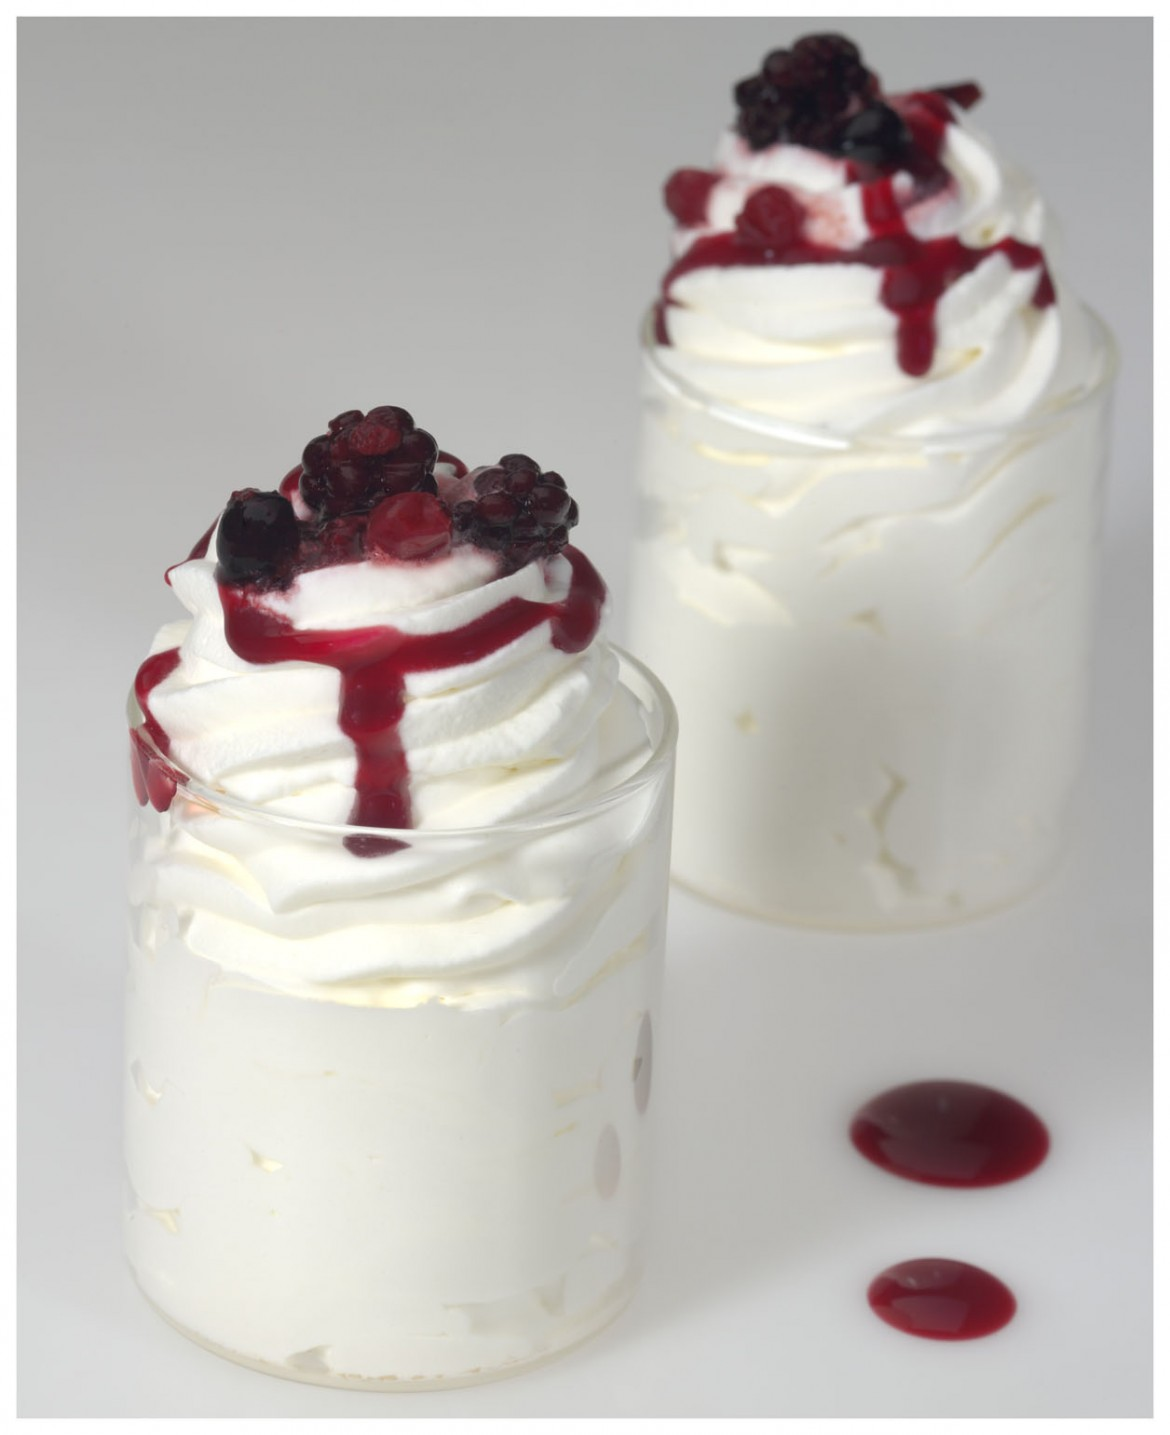 8 2 Helado de yogurt con salsa de frutas rojas (2)